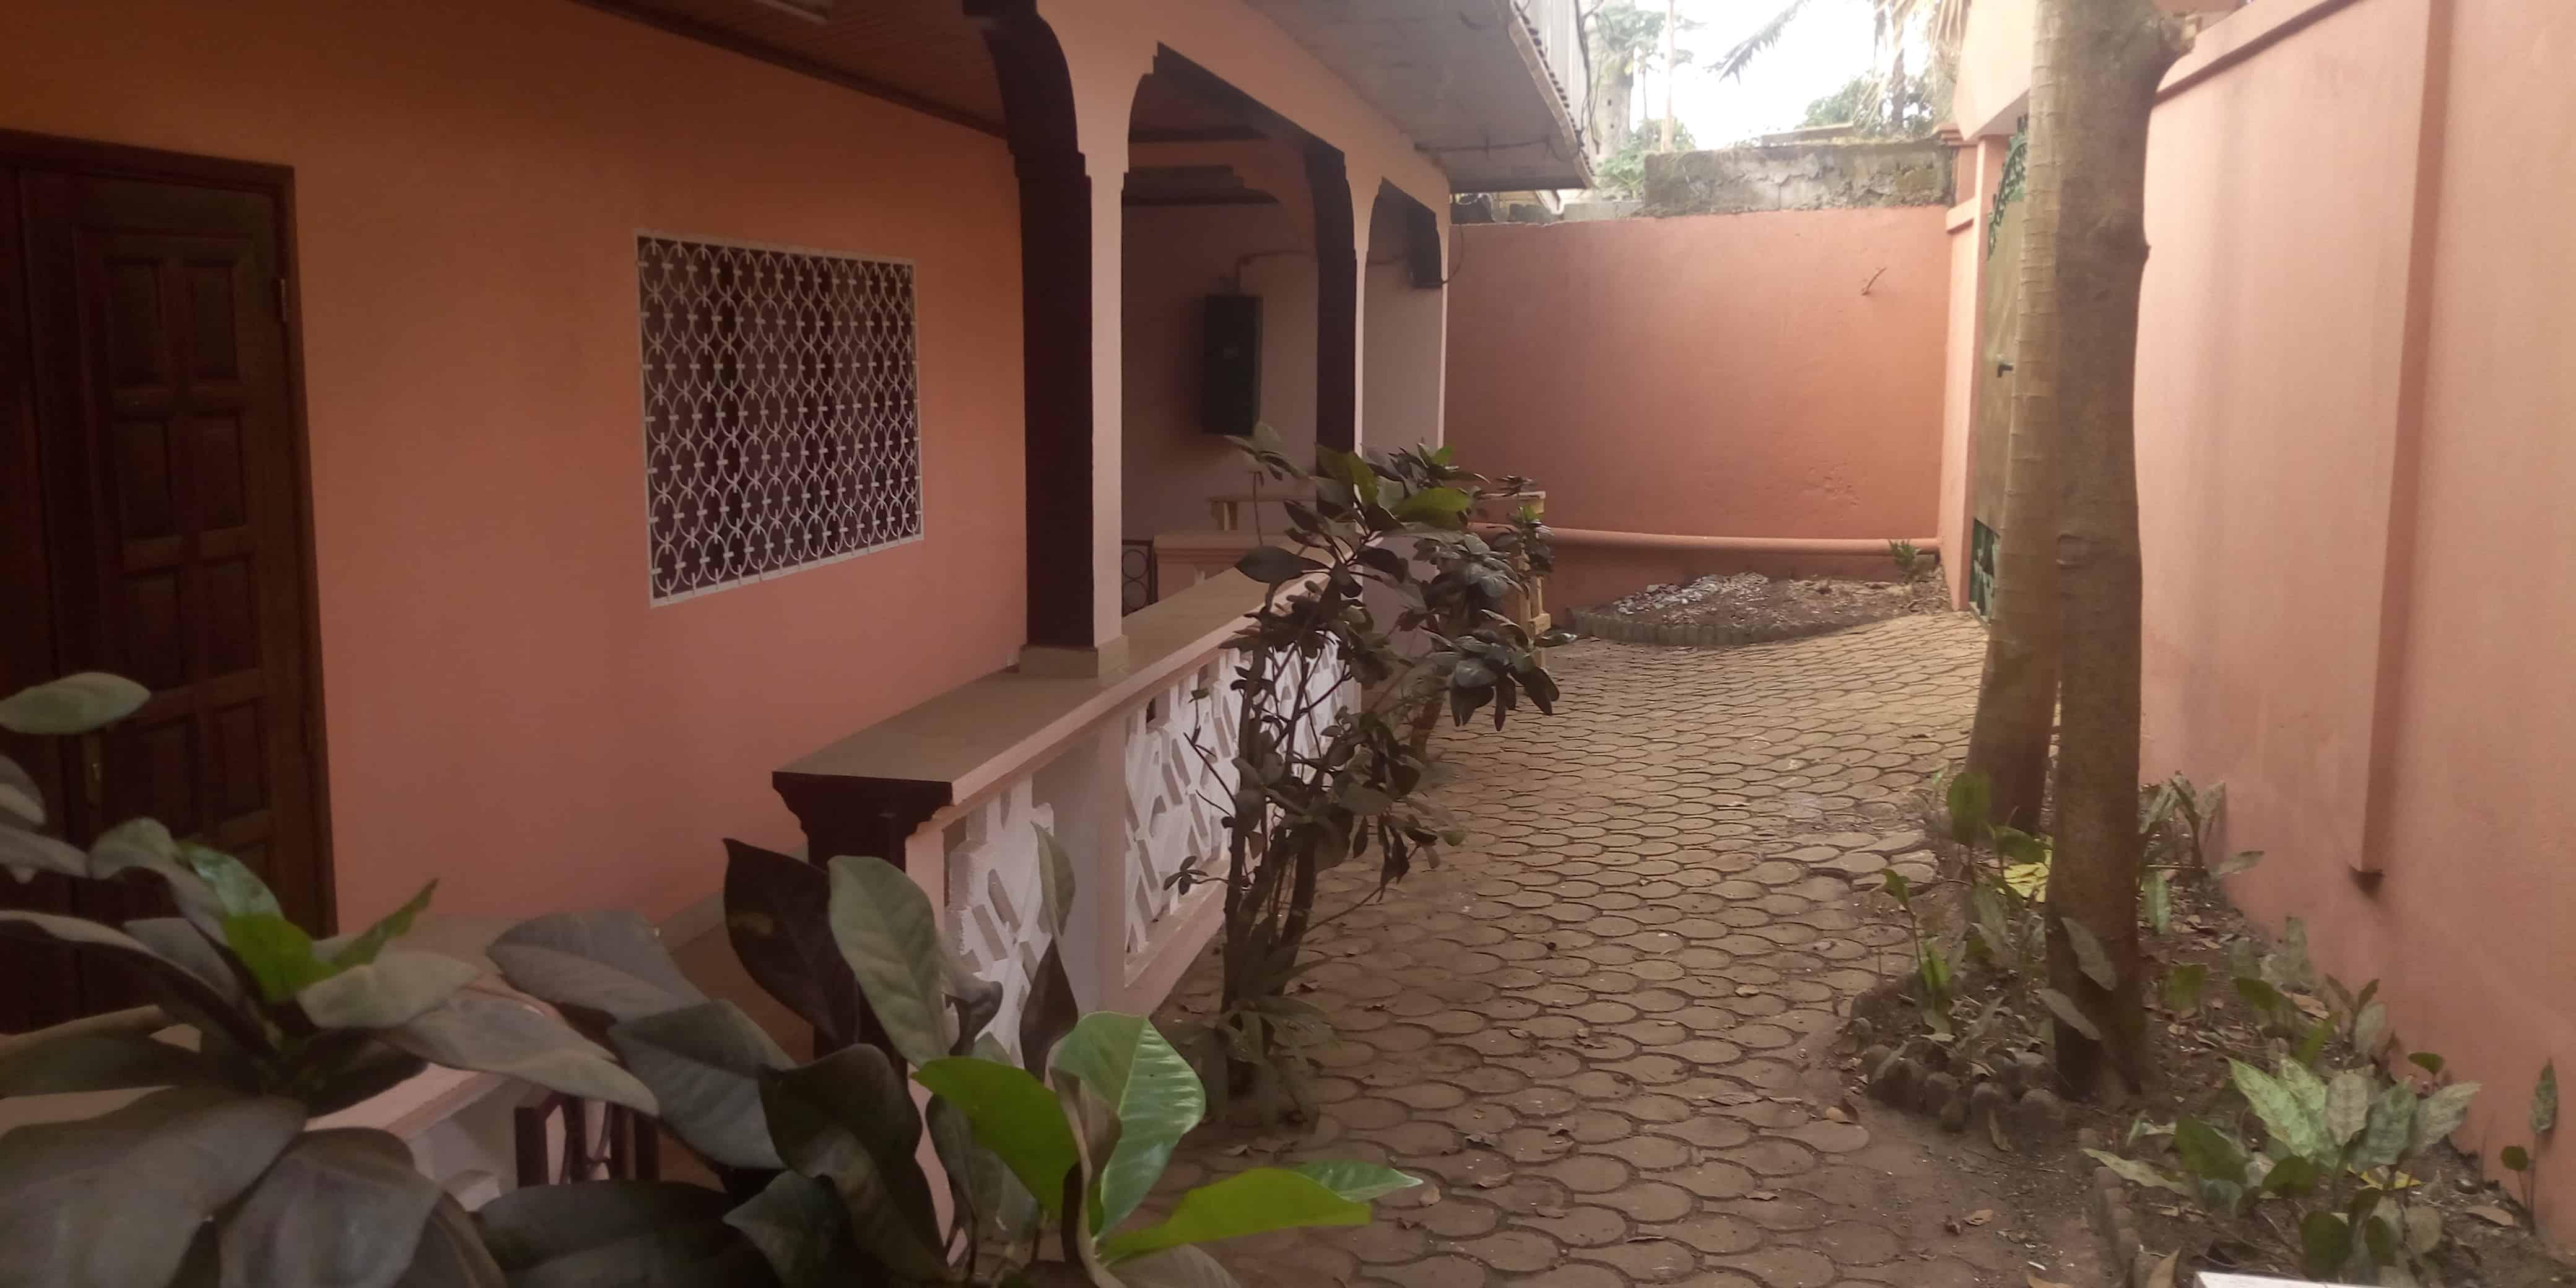 Maison (Villa) à louer - Yaoundé, Biyem-Assi, Grande maison à louer Yaoundé BIYEM assi jouvence - 1 salon(s), 3 chambre(s), 2 salle(s) de bains - 250 000 FCFA / mois